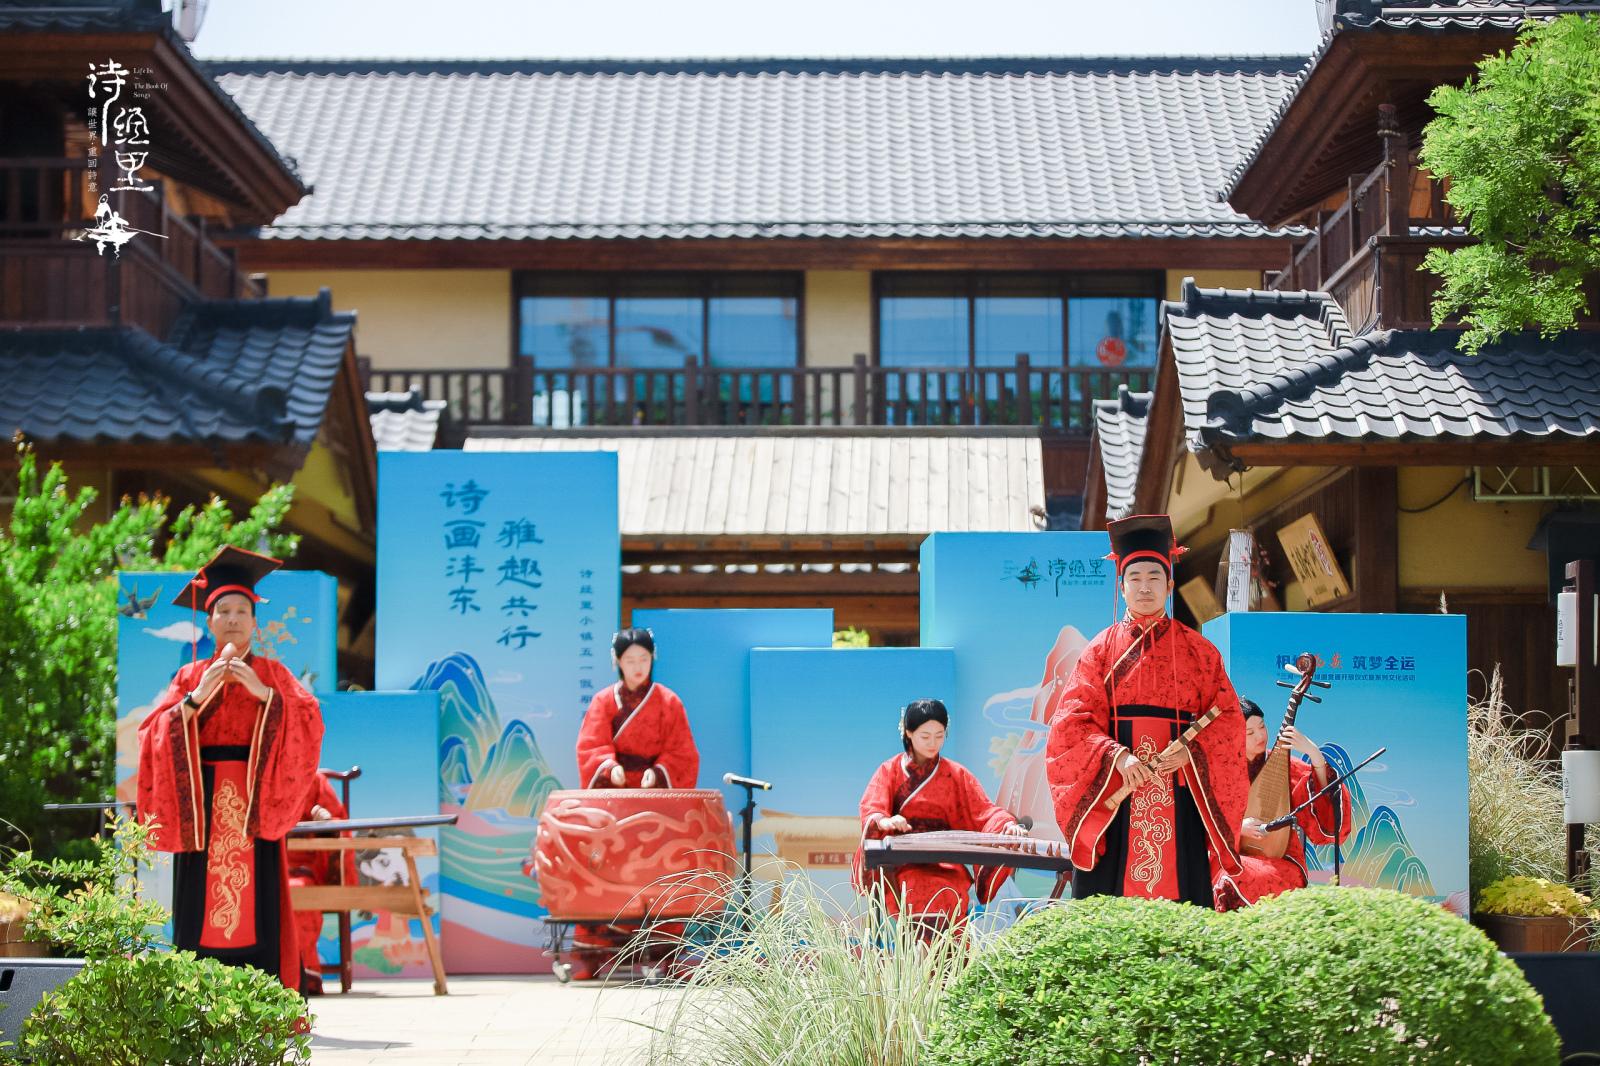 灼灼花颜映五一 游客在诗经里小镇与雅趣共行